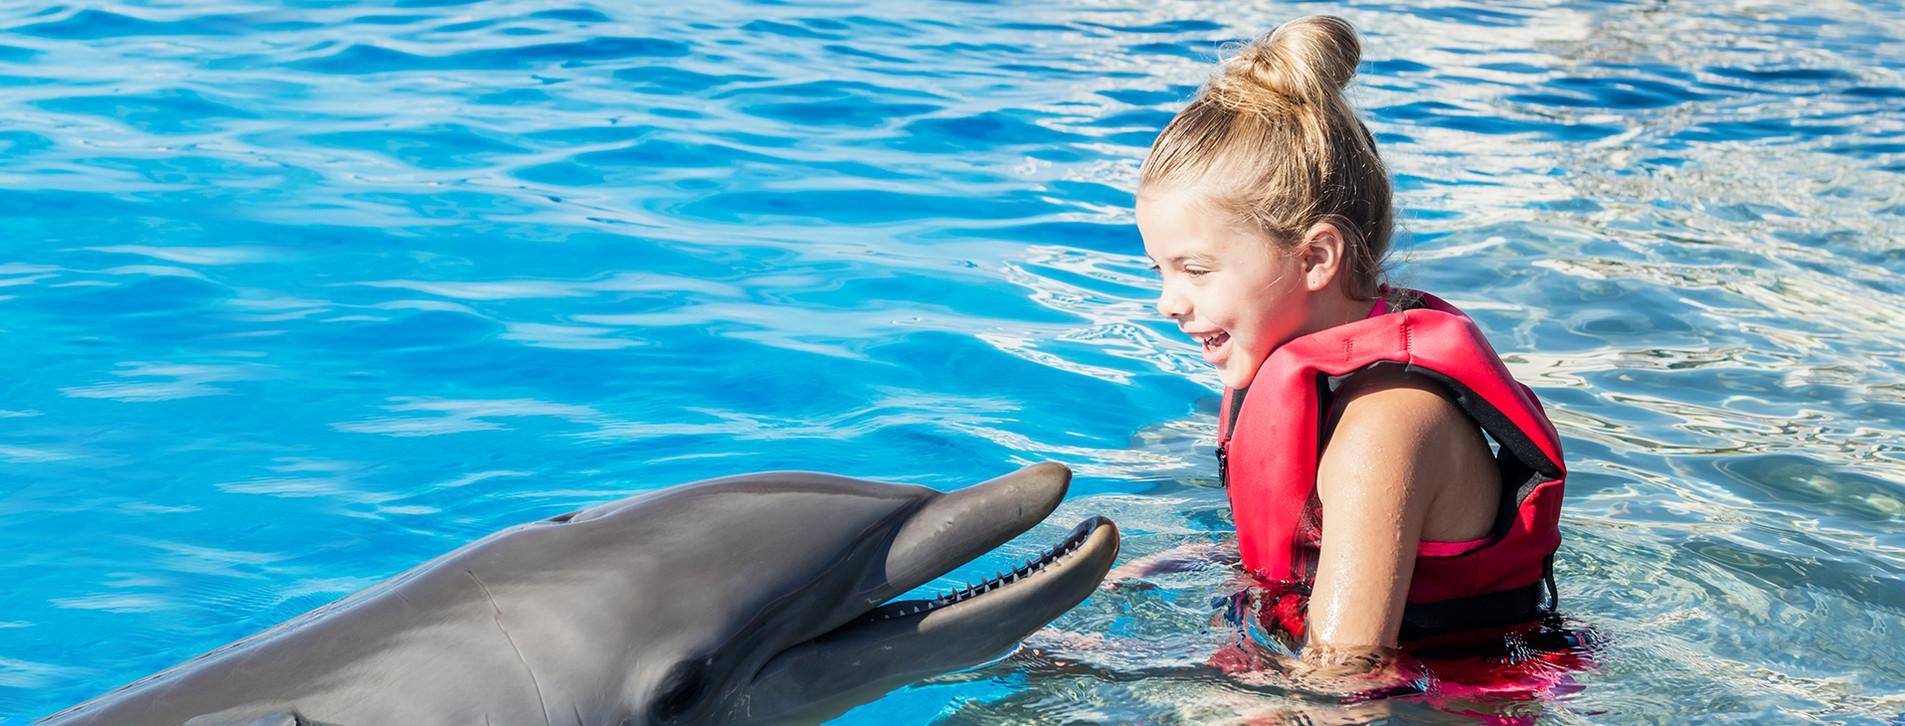 Фото - Тренировка с дельфинами